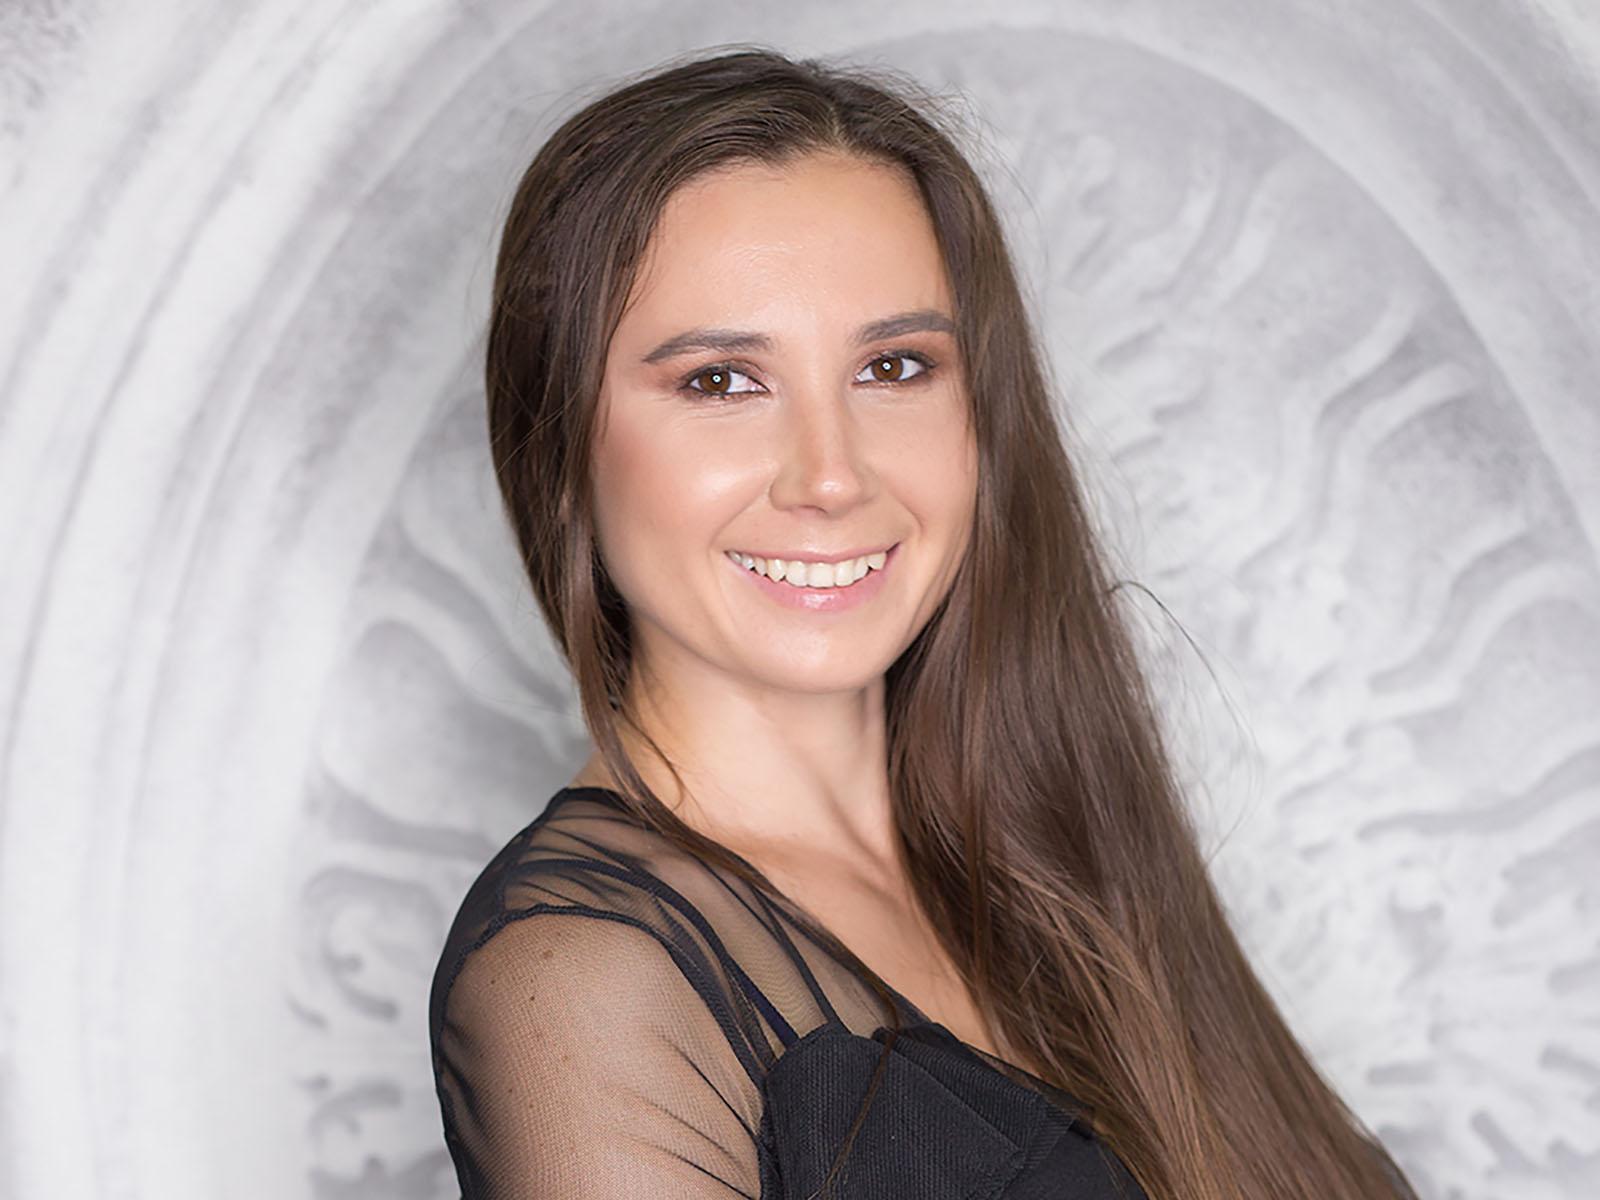 Софья Гаева. Бизнес-леди, спикер, автор статей, блогер